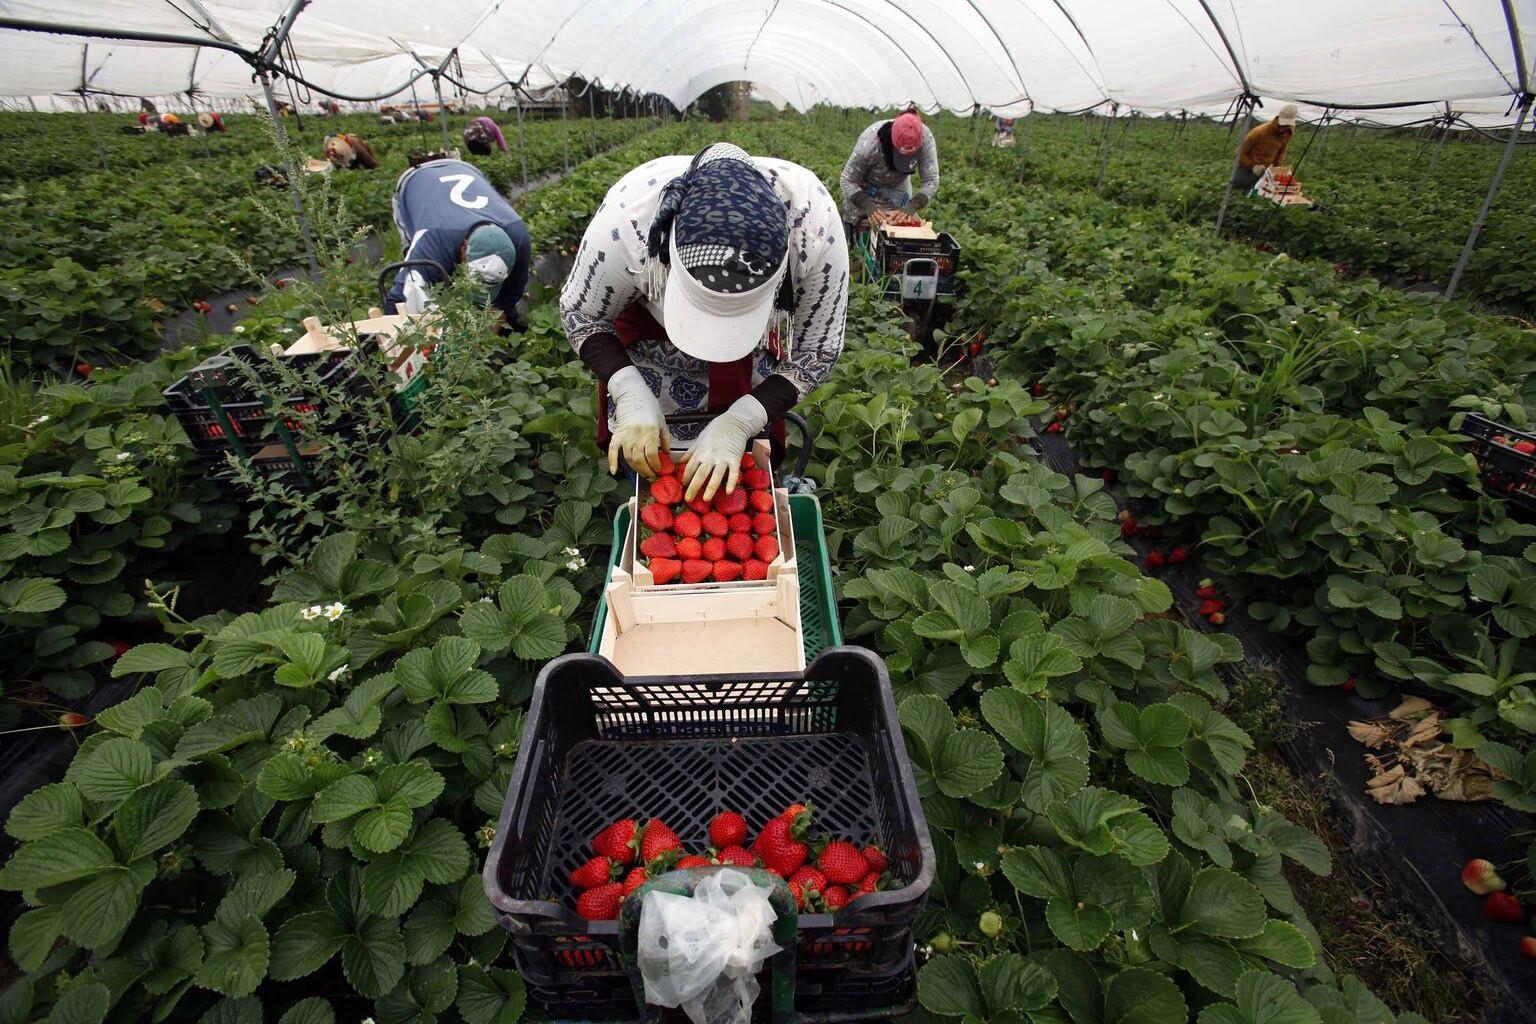 Trabajadores temporeros o temporales, Europa, agricultura, cosecha